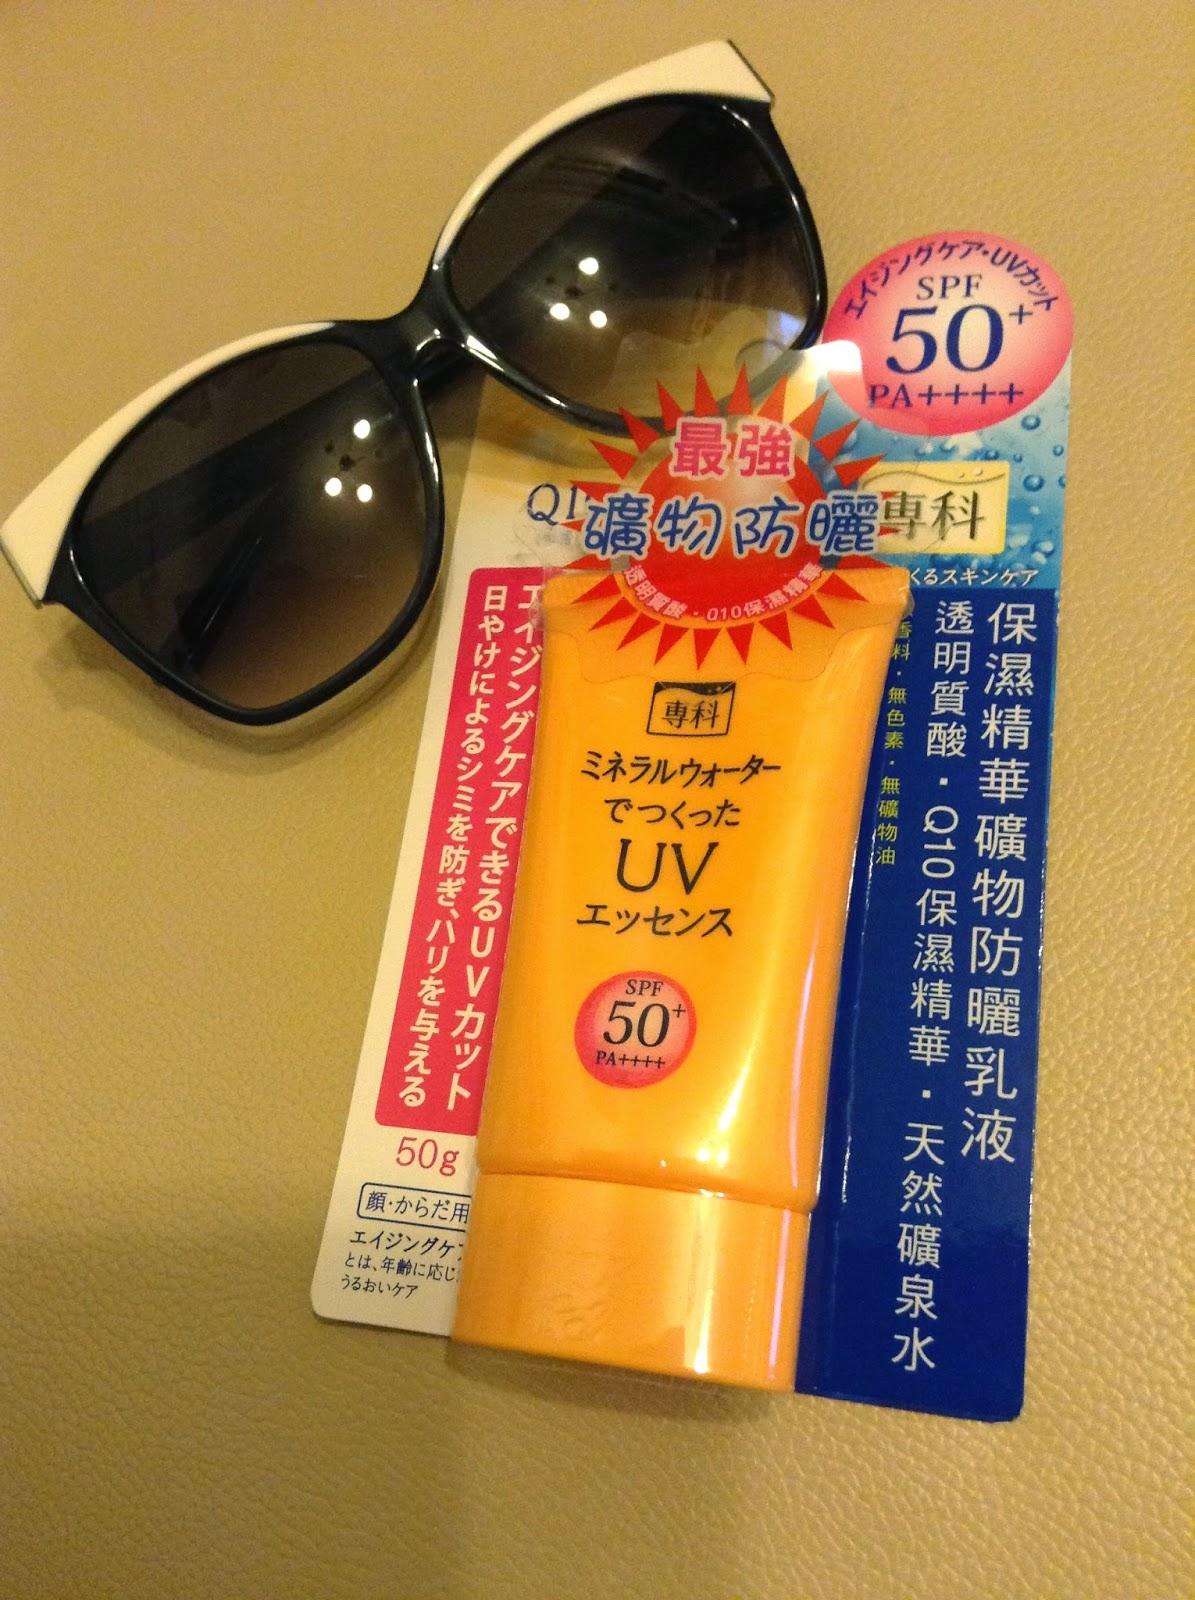 >> 50 度保濕防曬*SHISEIDO 資生堂「專科」保濕精華礦物防曬乳液 Mineral Essence UV SPF 50+ PA++++